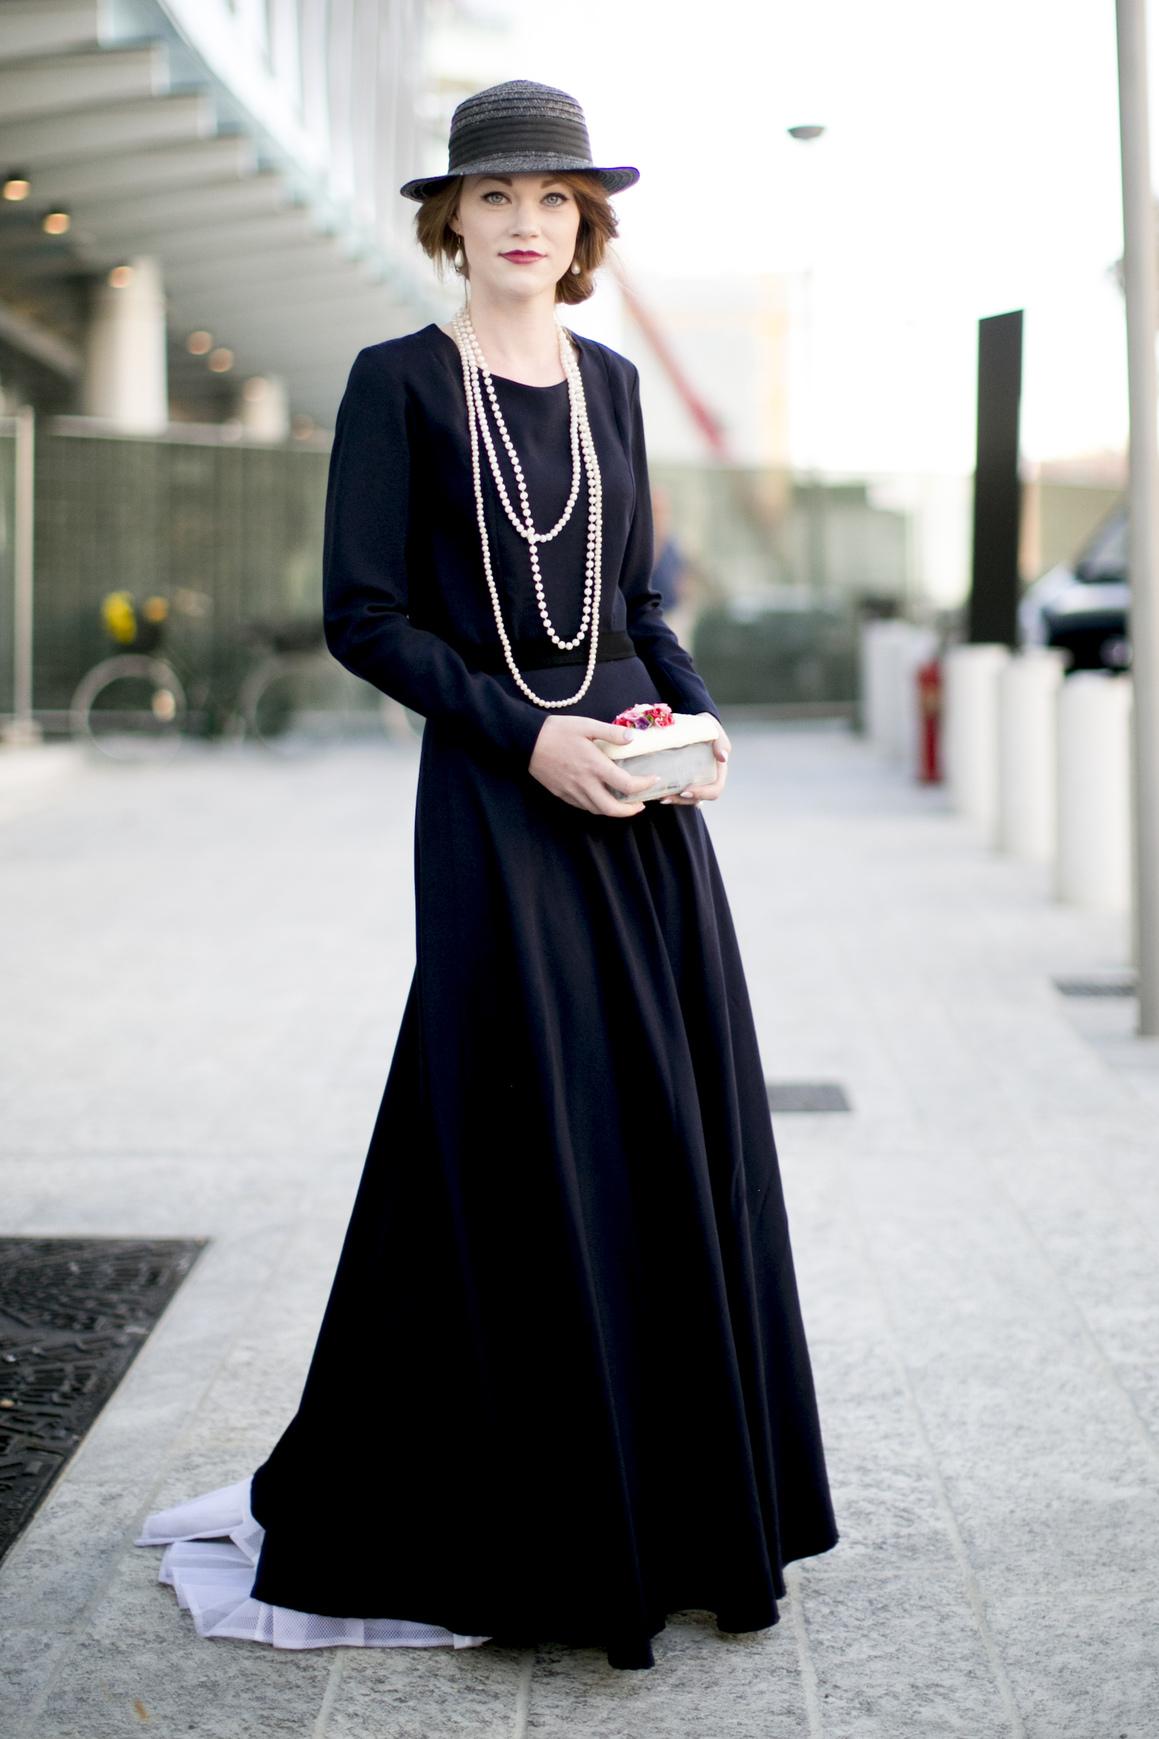 Best Look Vintage Chic Ideas - Joshkrajcik.us - joshkrajcik.us